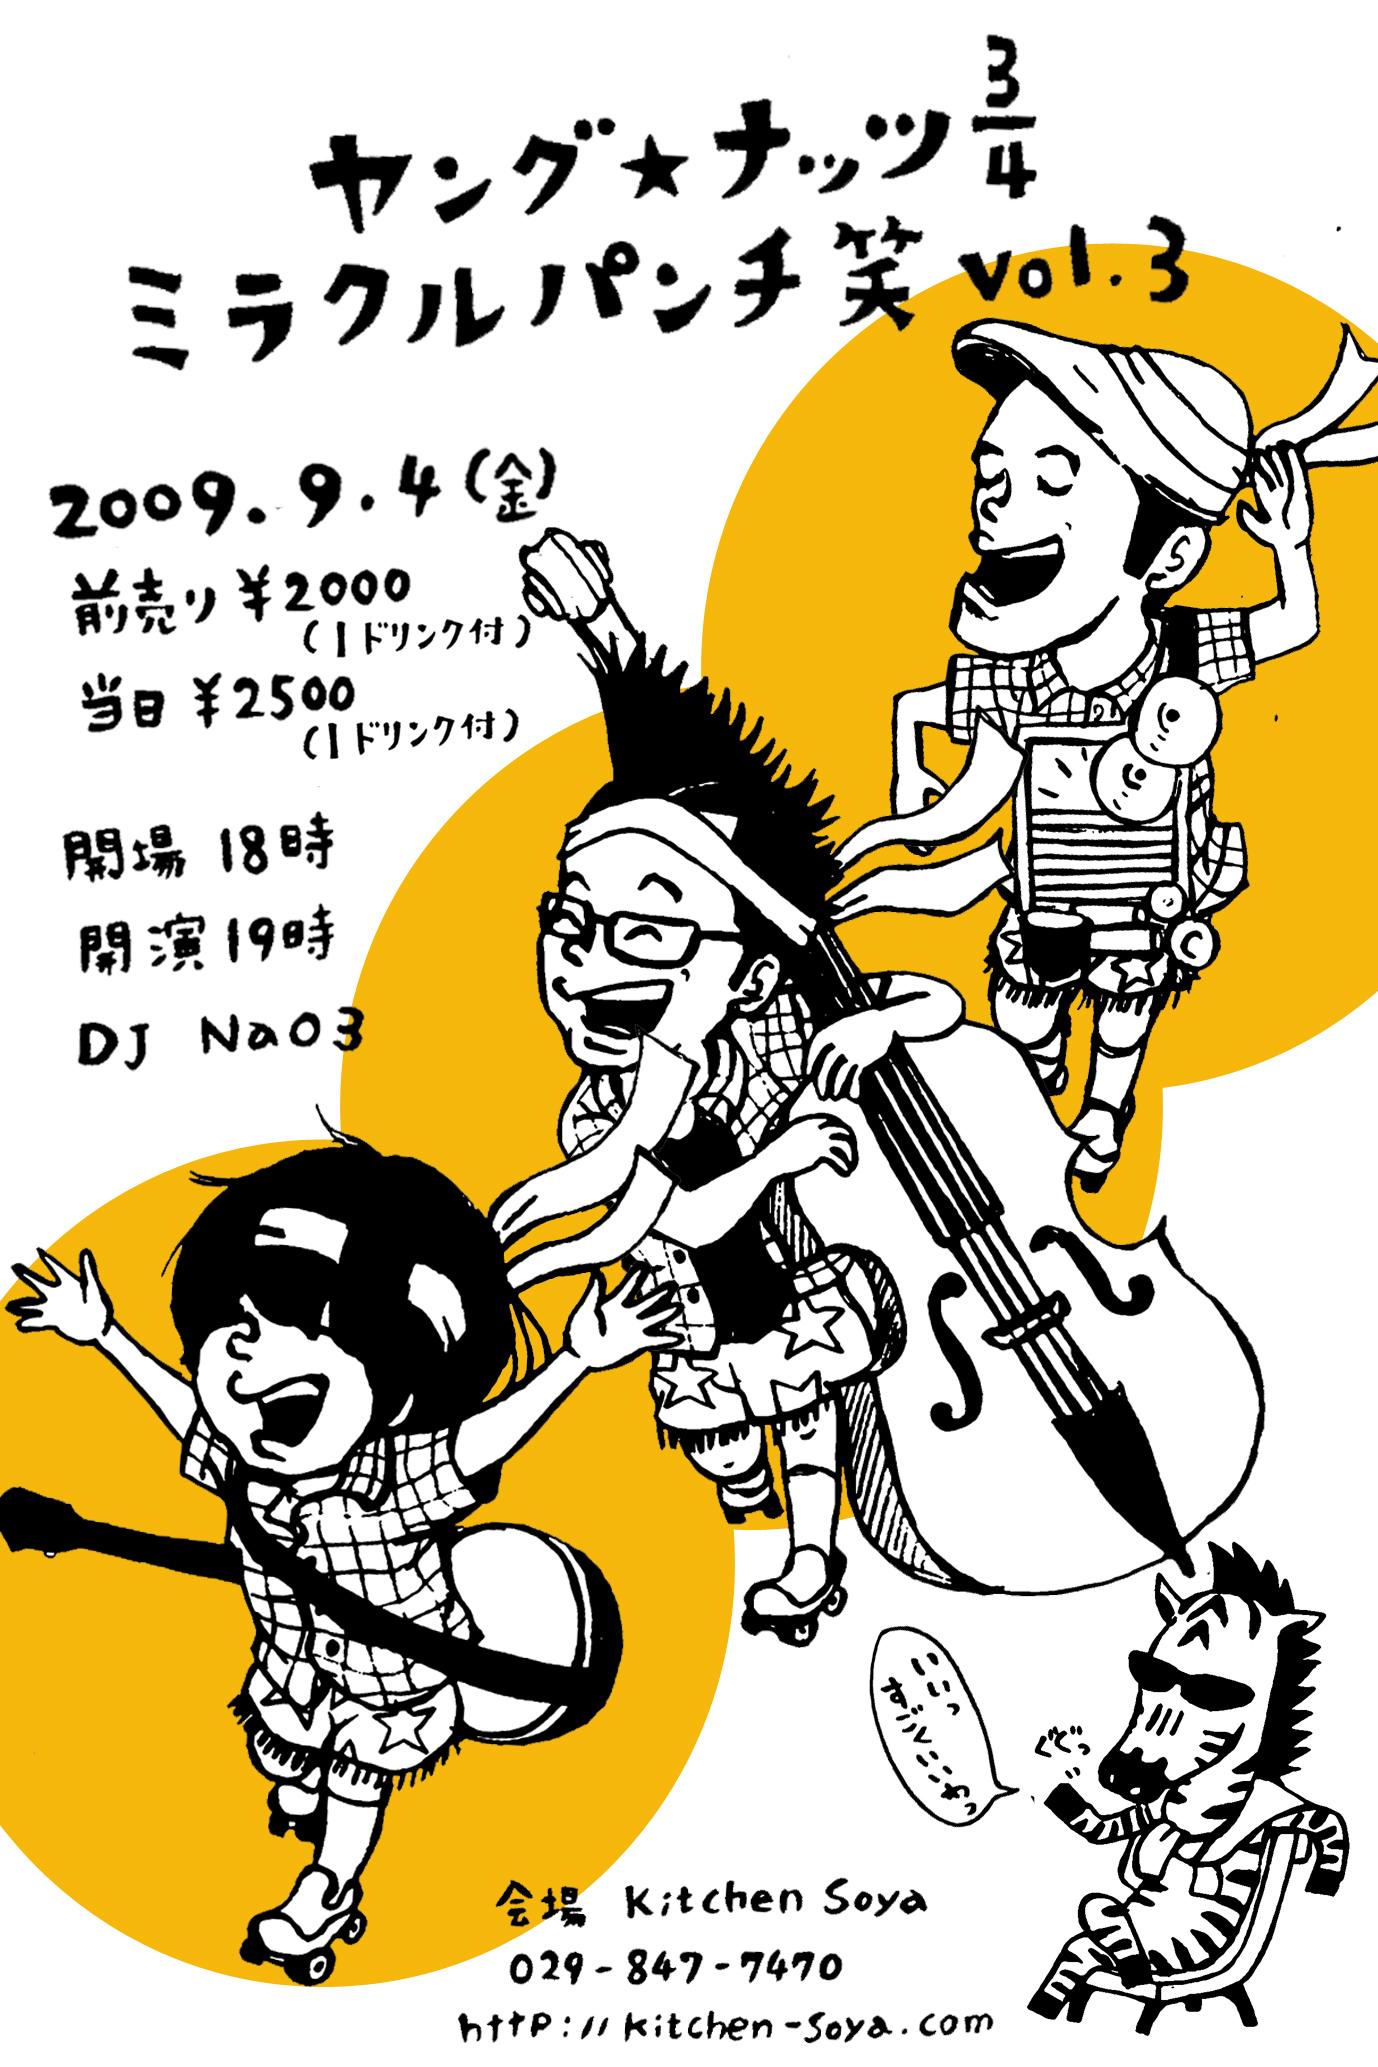 ヤング★ナッツ¾ミラクルパンチ笑 vol.3